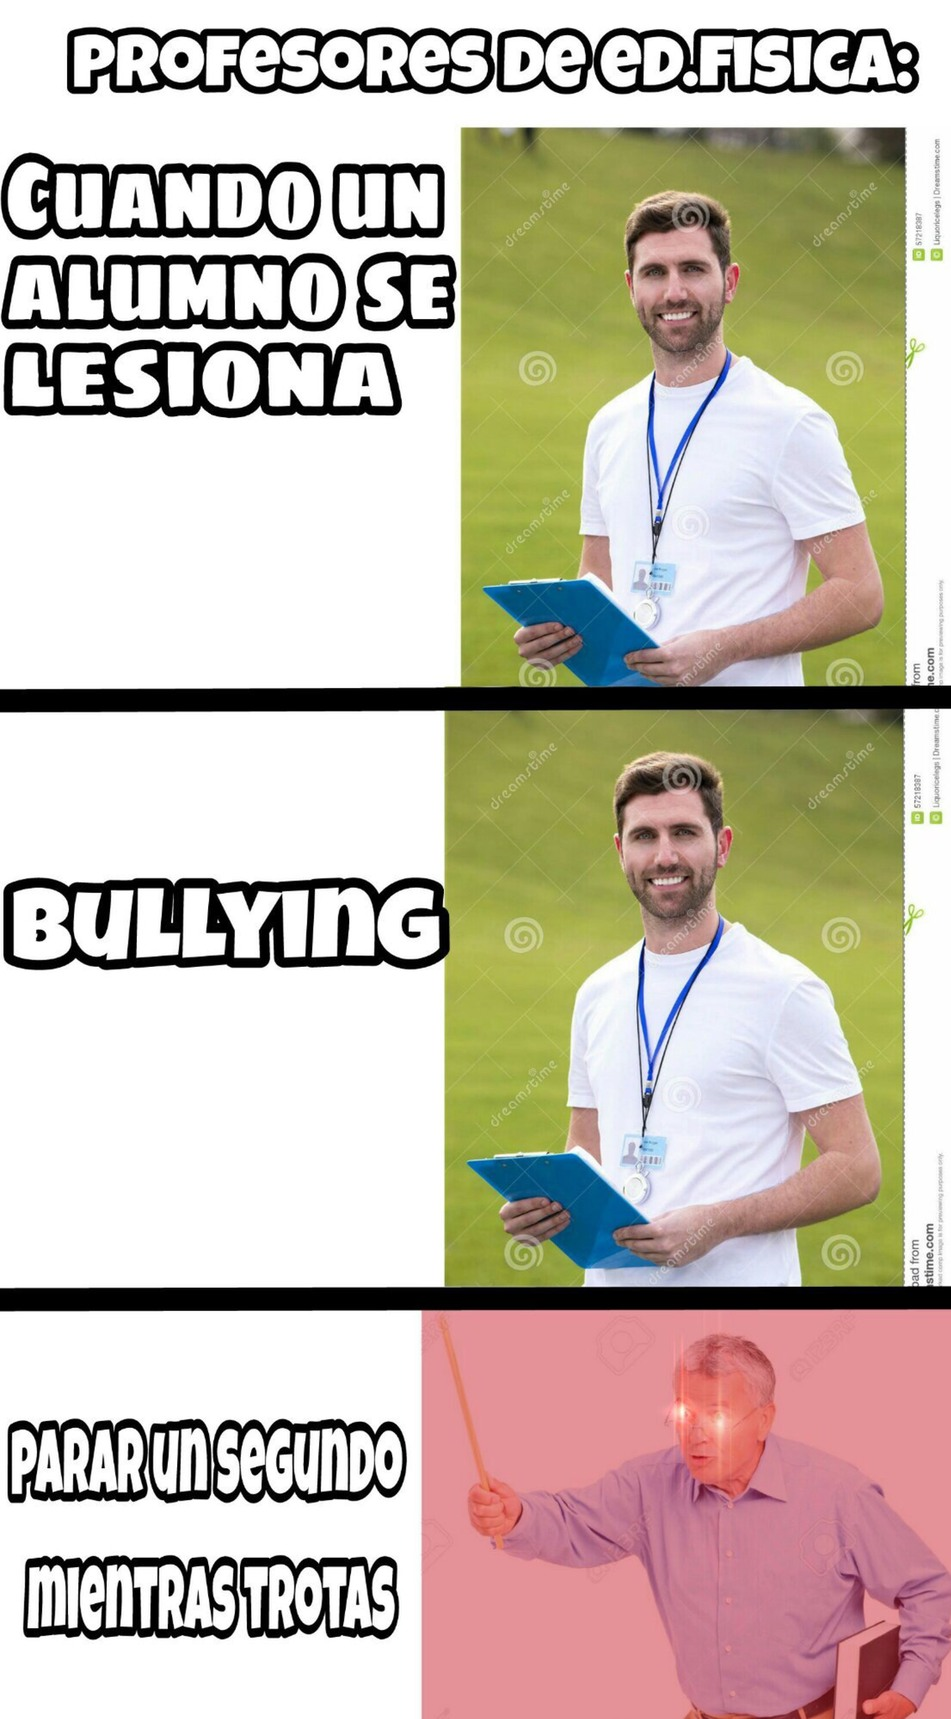 la ira de satanas - meme